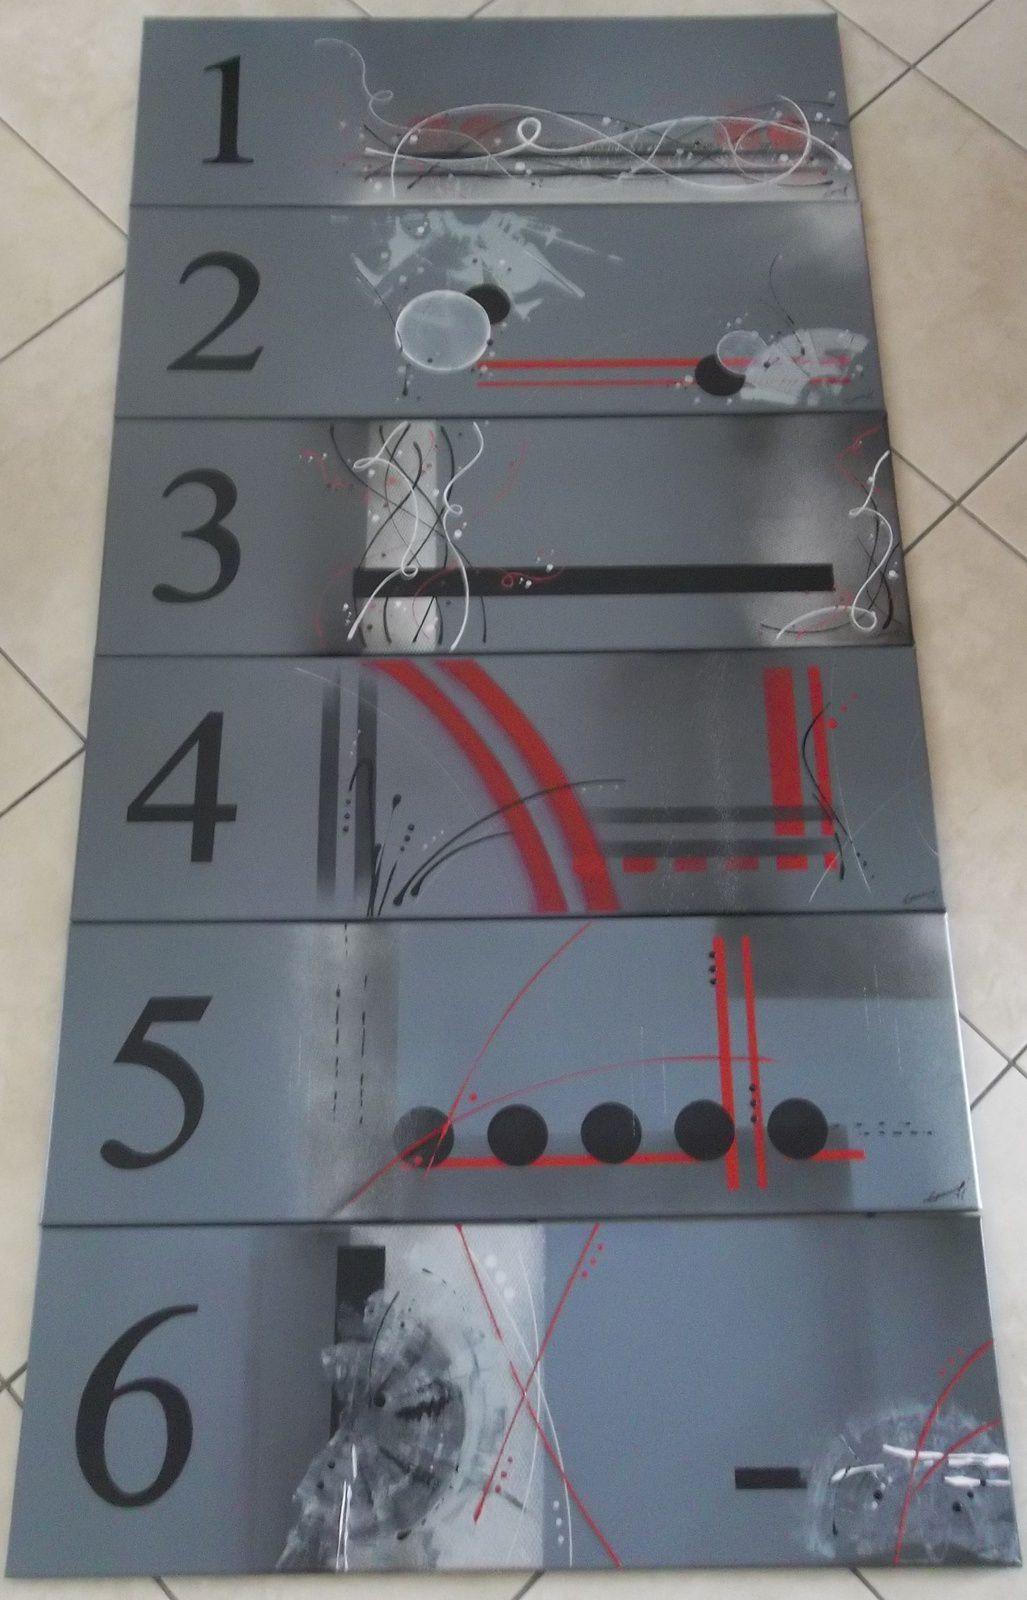 les 6 toiles 30x90 cm réunies